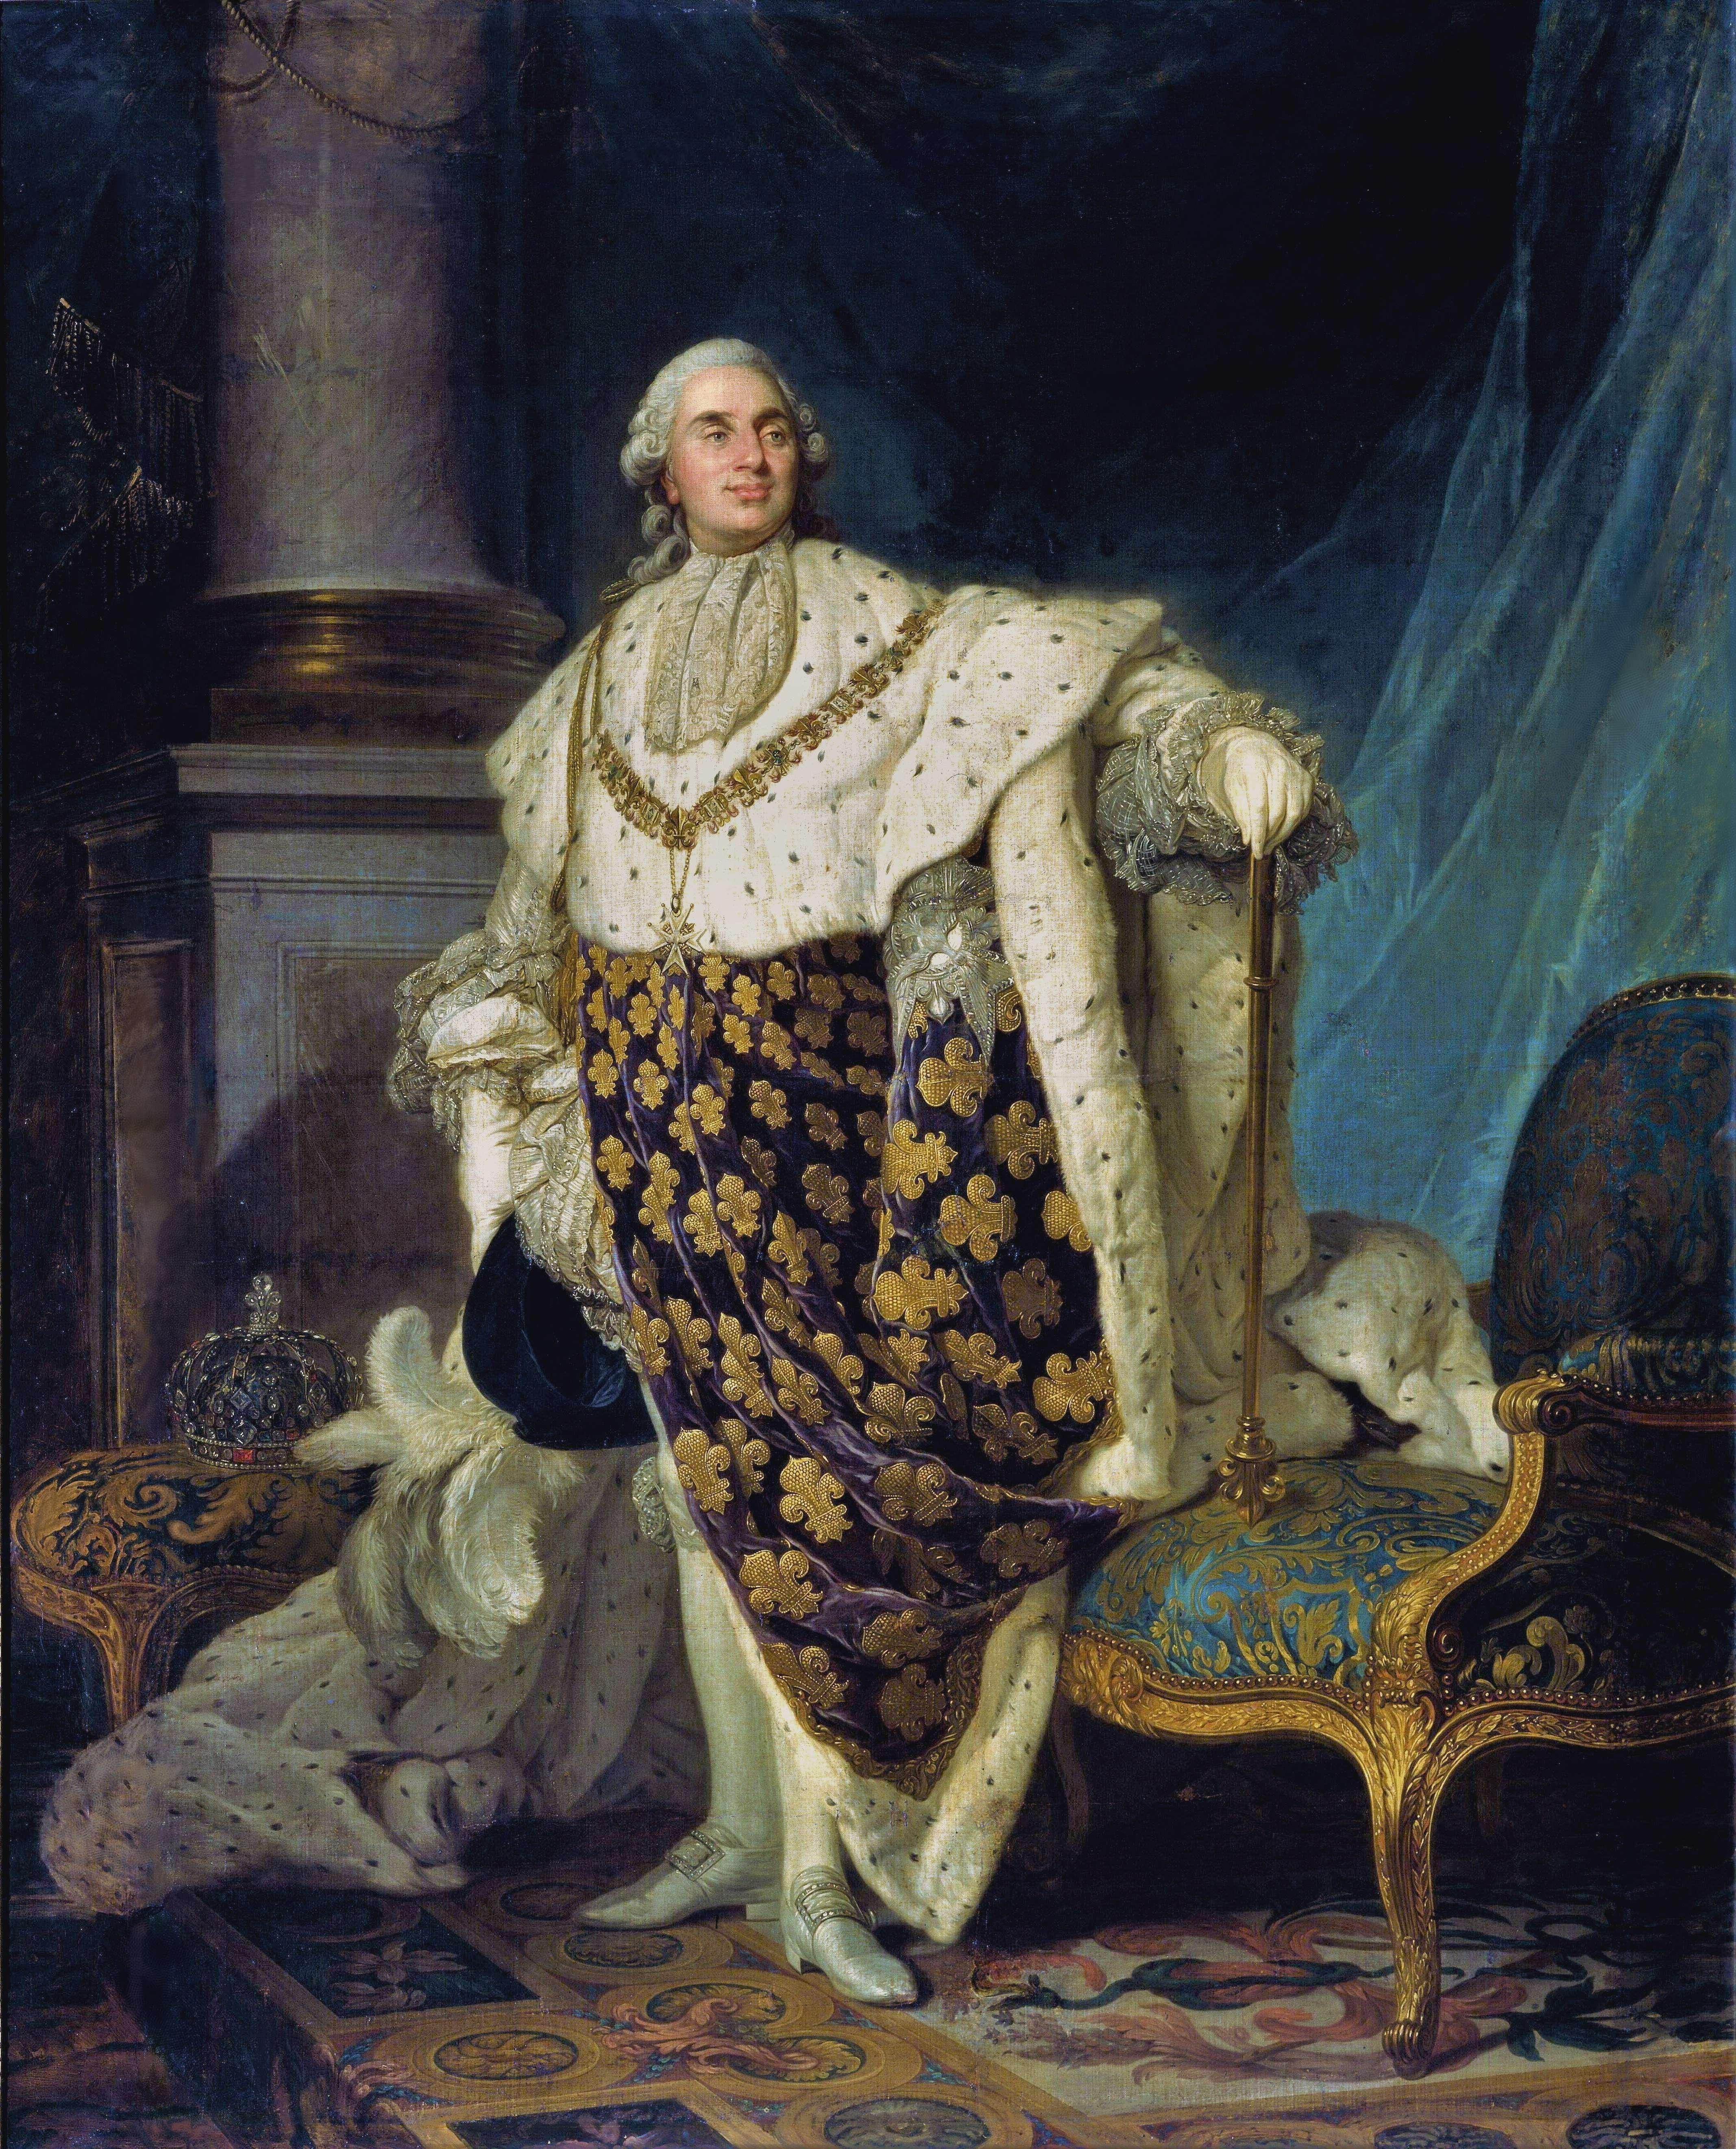 Ο Λουδοβίκος ΙΣΤ' από τον Ζοζέφ Σιφρέντ Ντυπλεσσί, 1777